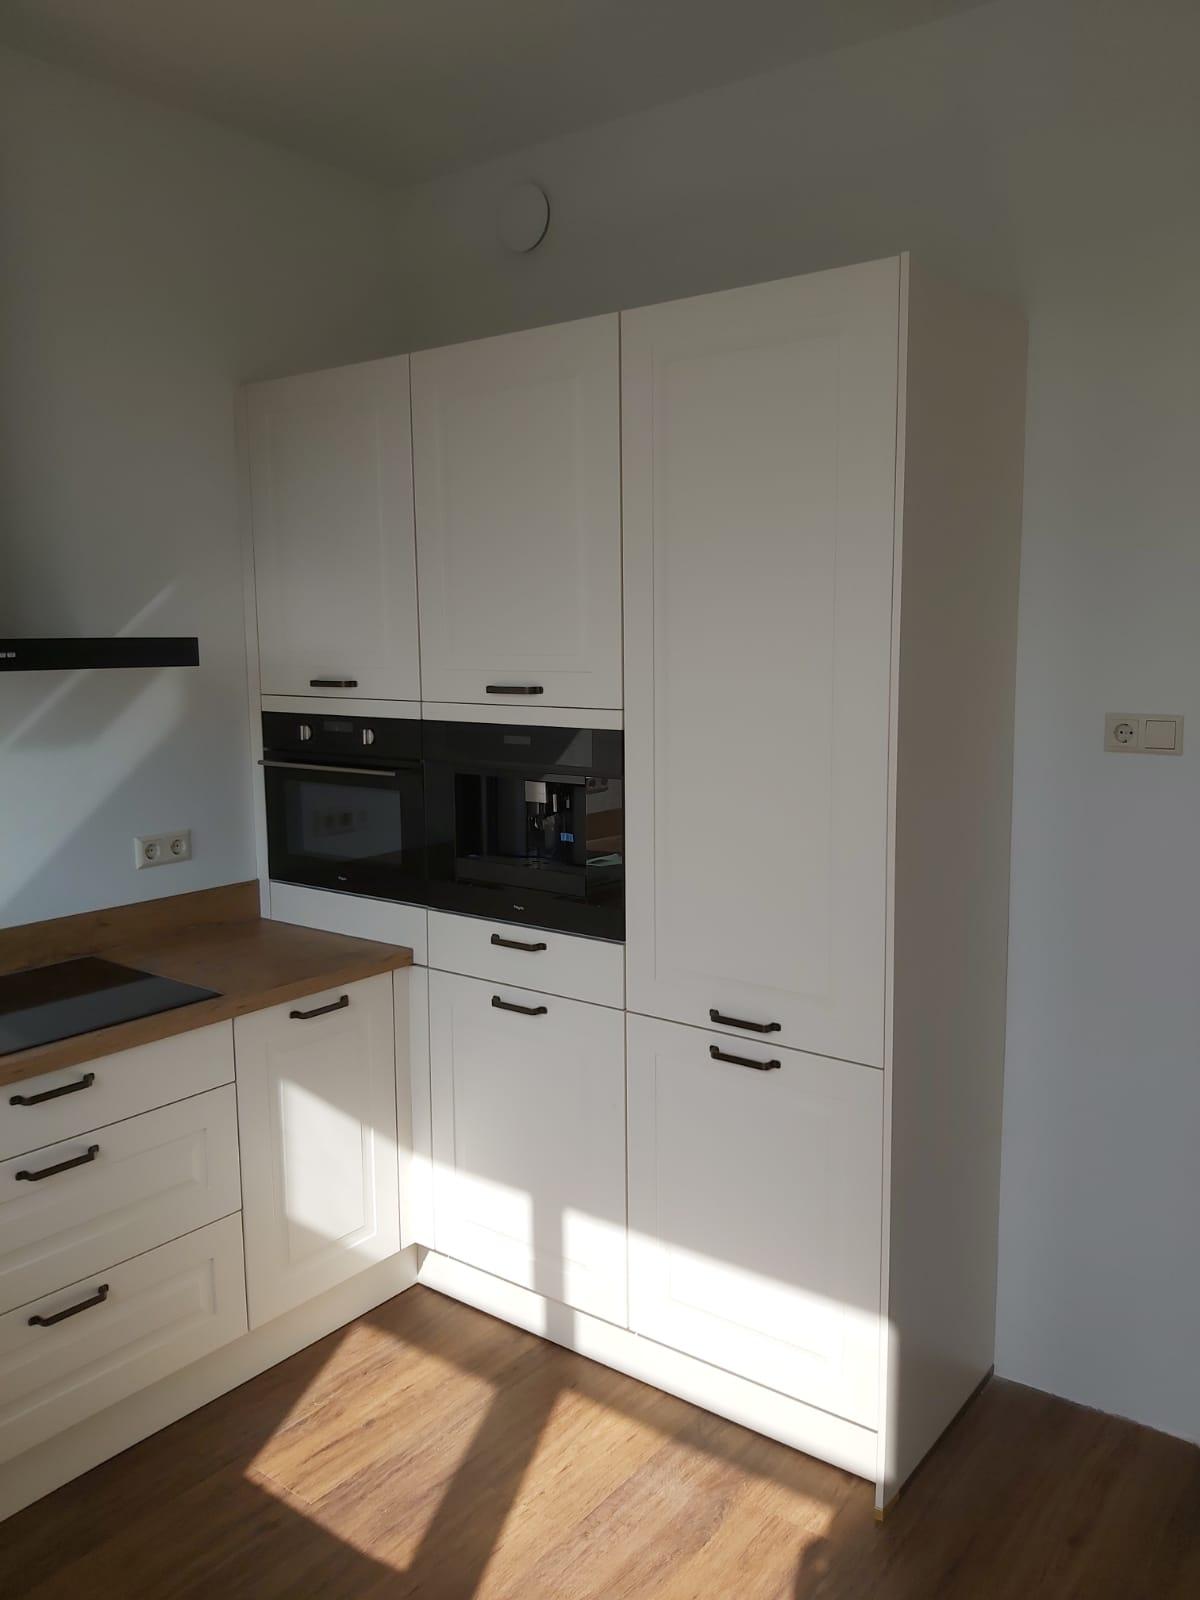 Keuken - montage